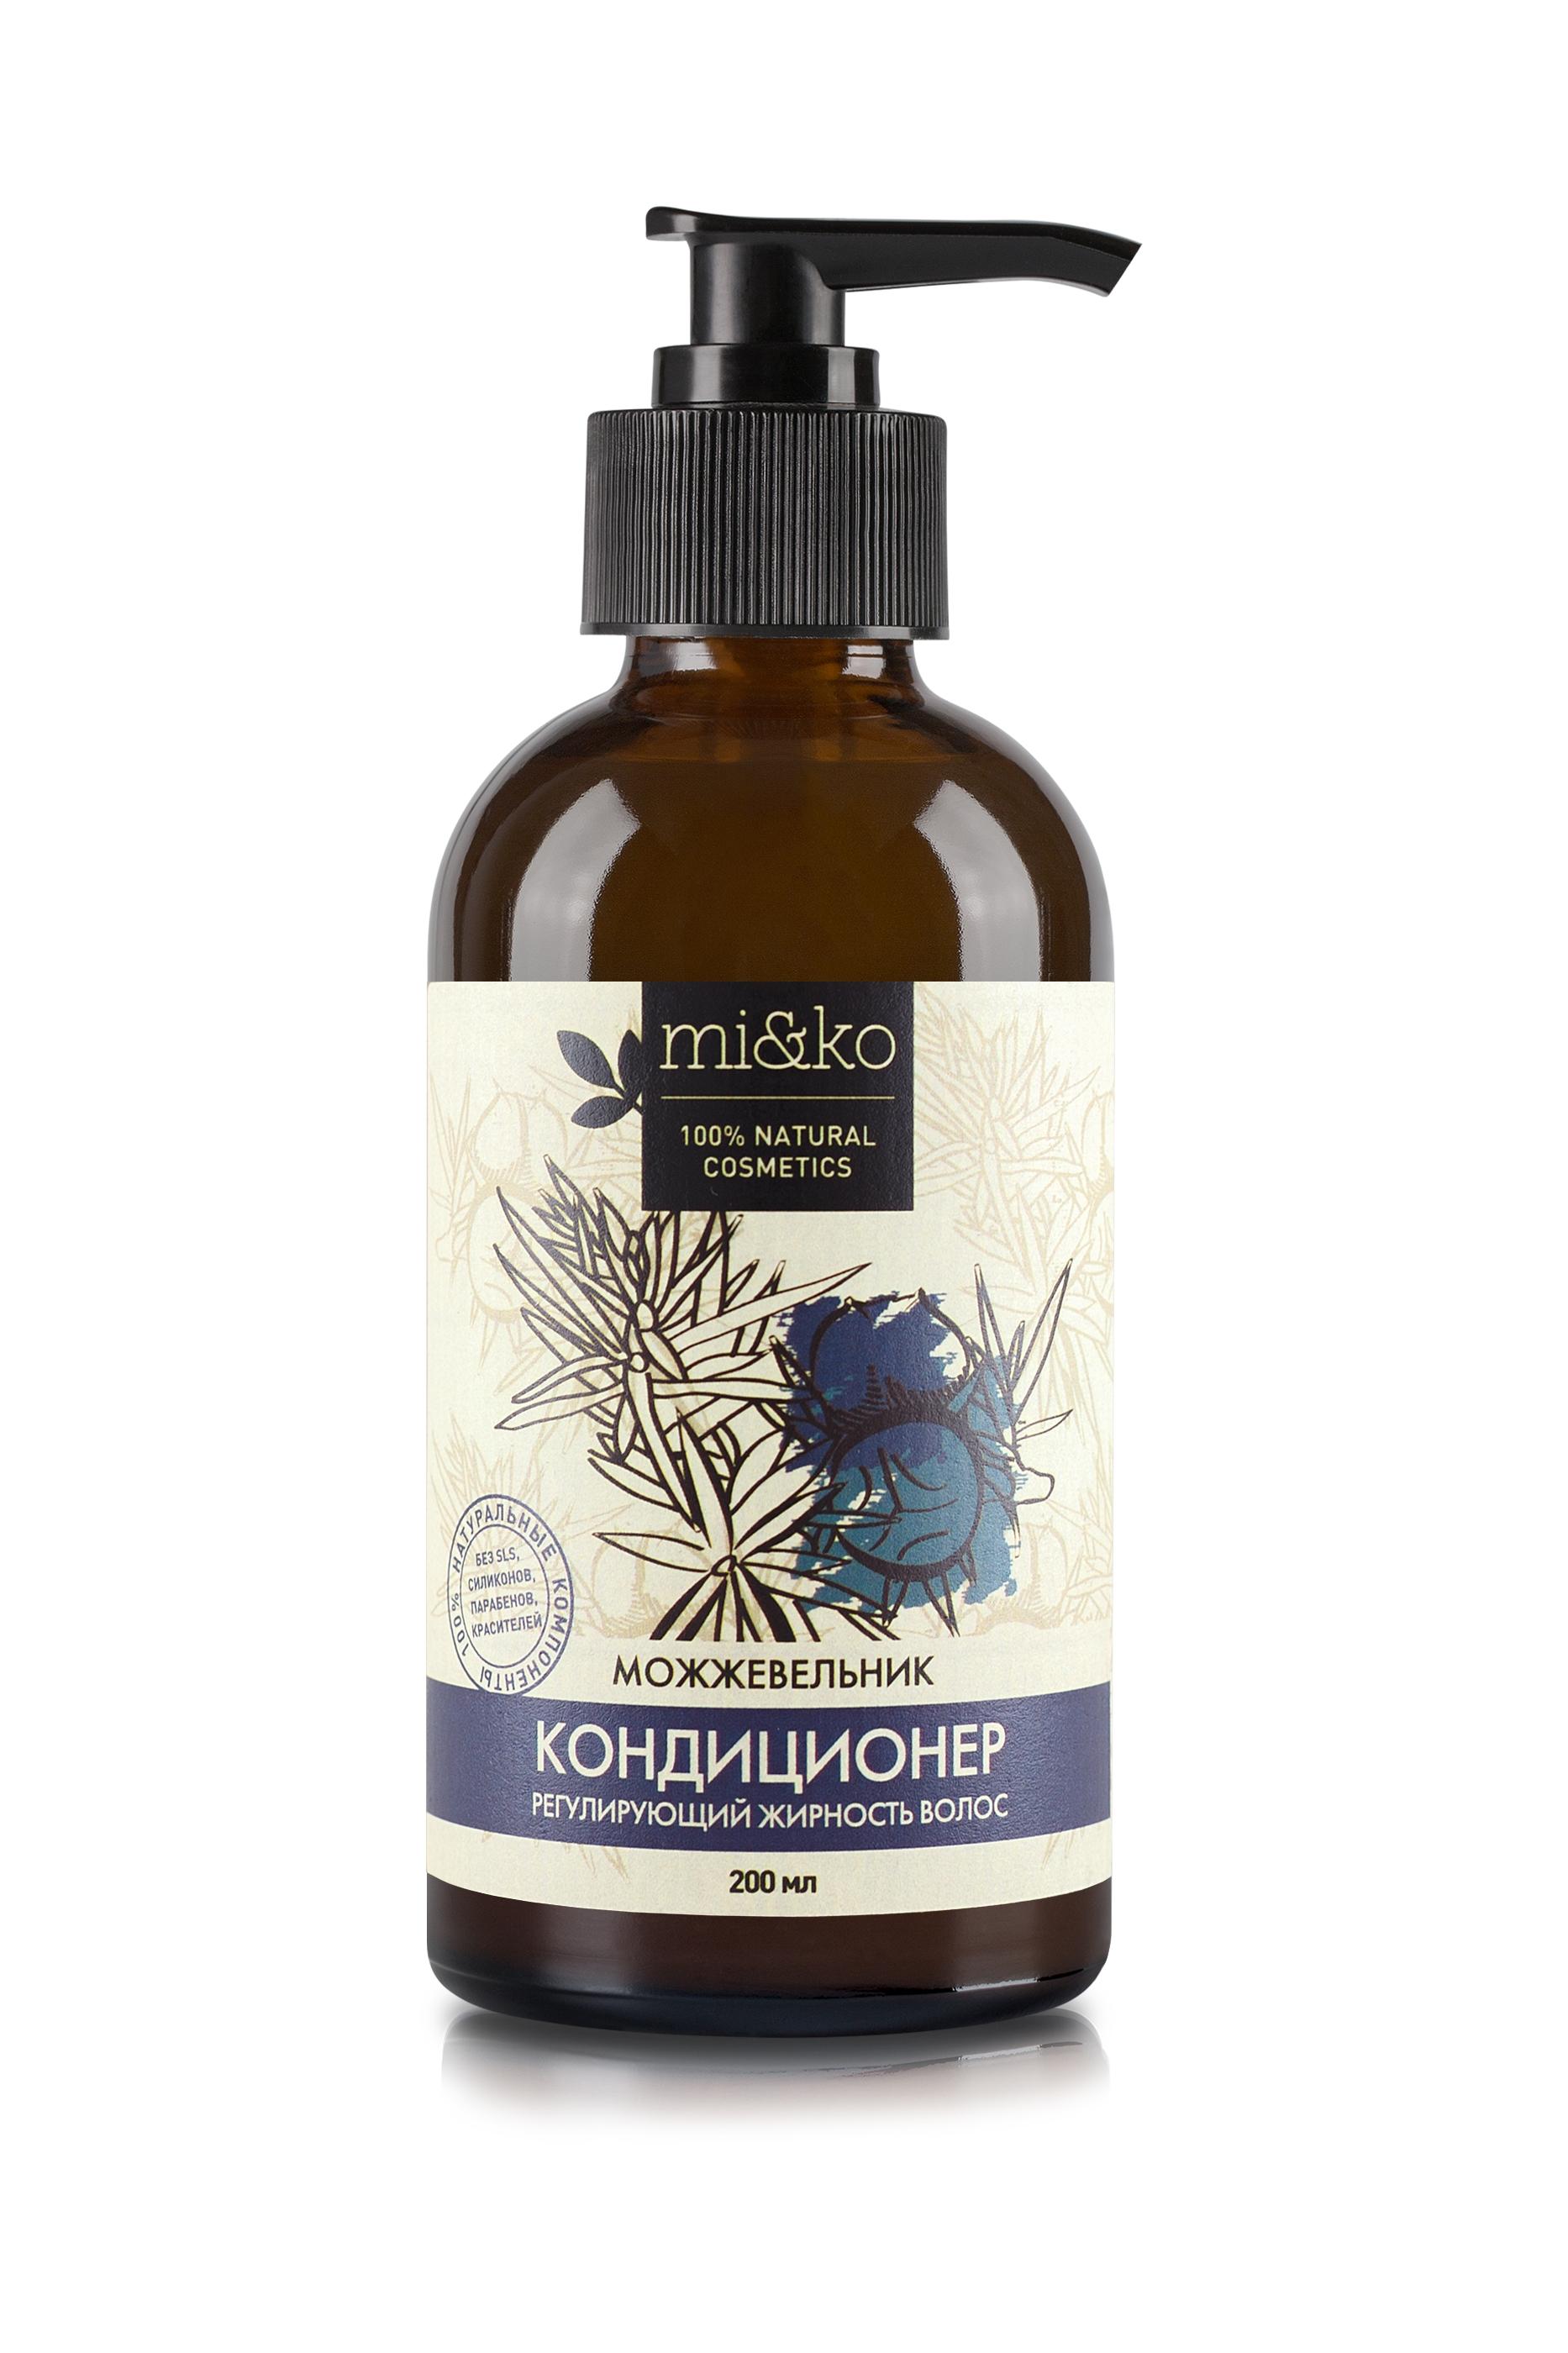 Купить Кондиционер для волос Ми&Ко Можжевельник регулирующий жирность волос, 200 мл, mi&ko